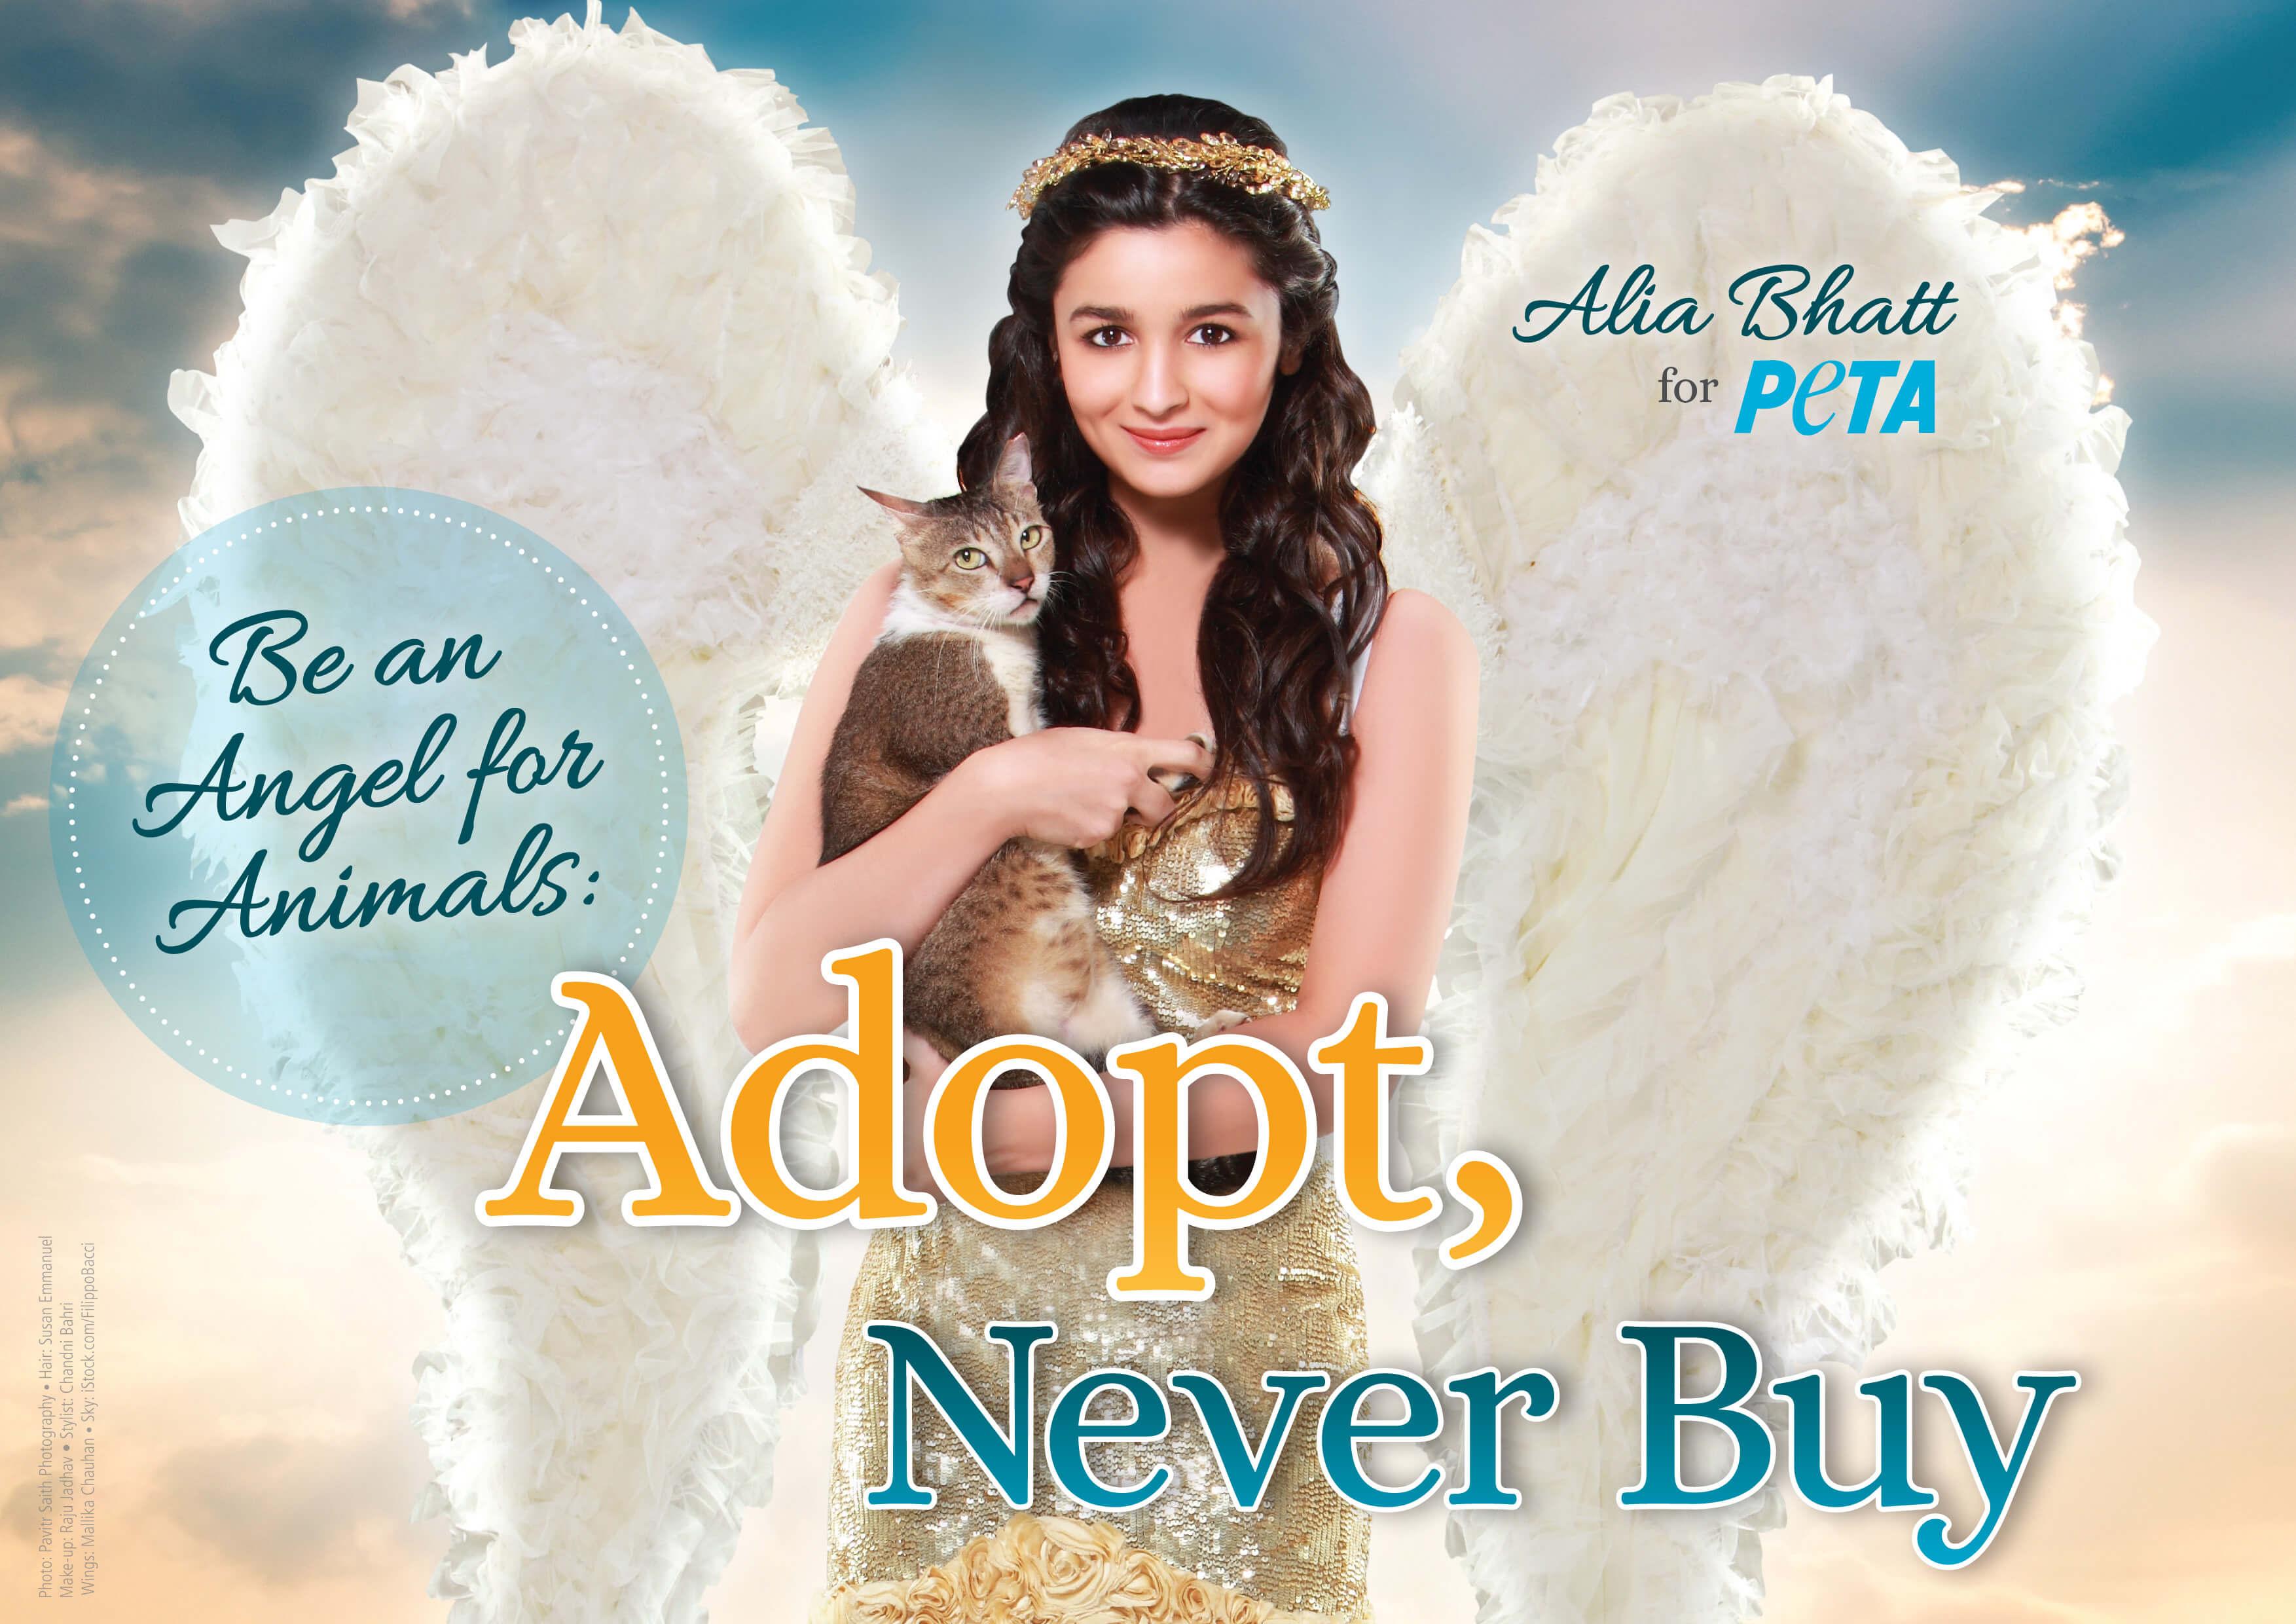 Alia Bhatt Spreads Her Angel Wings